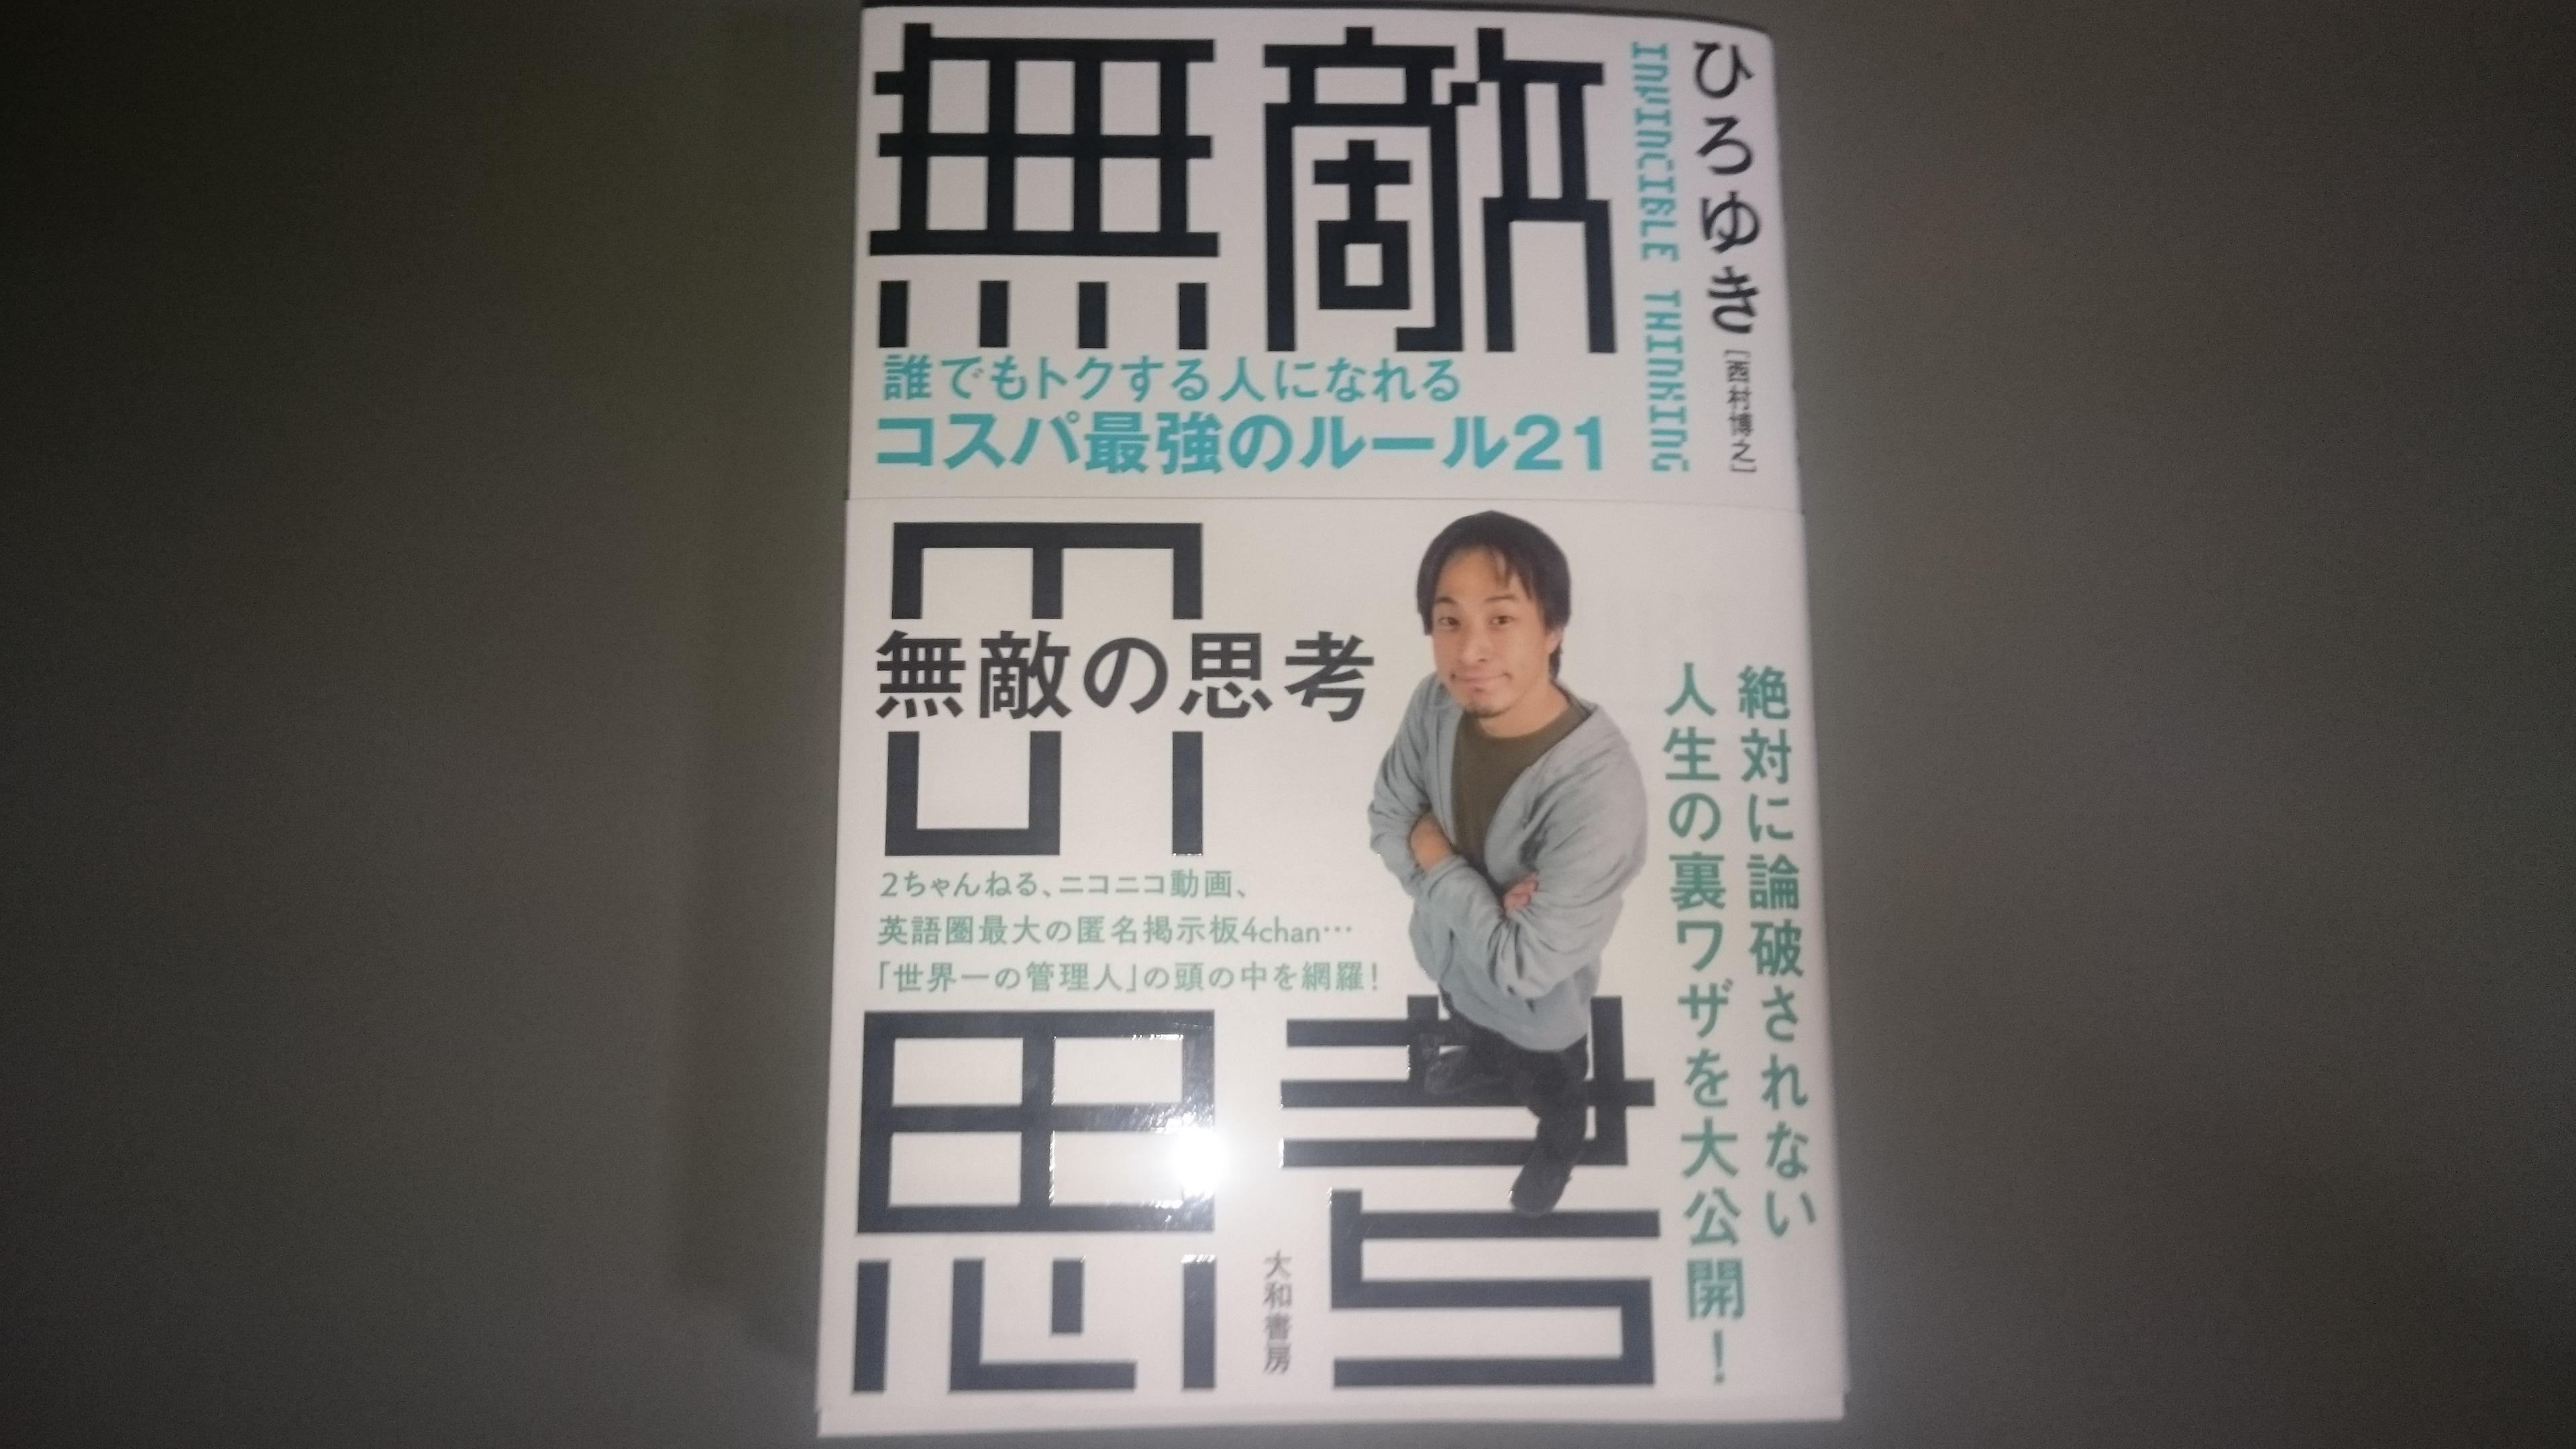 西村博之著書「無敵の思考」